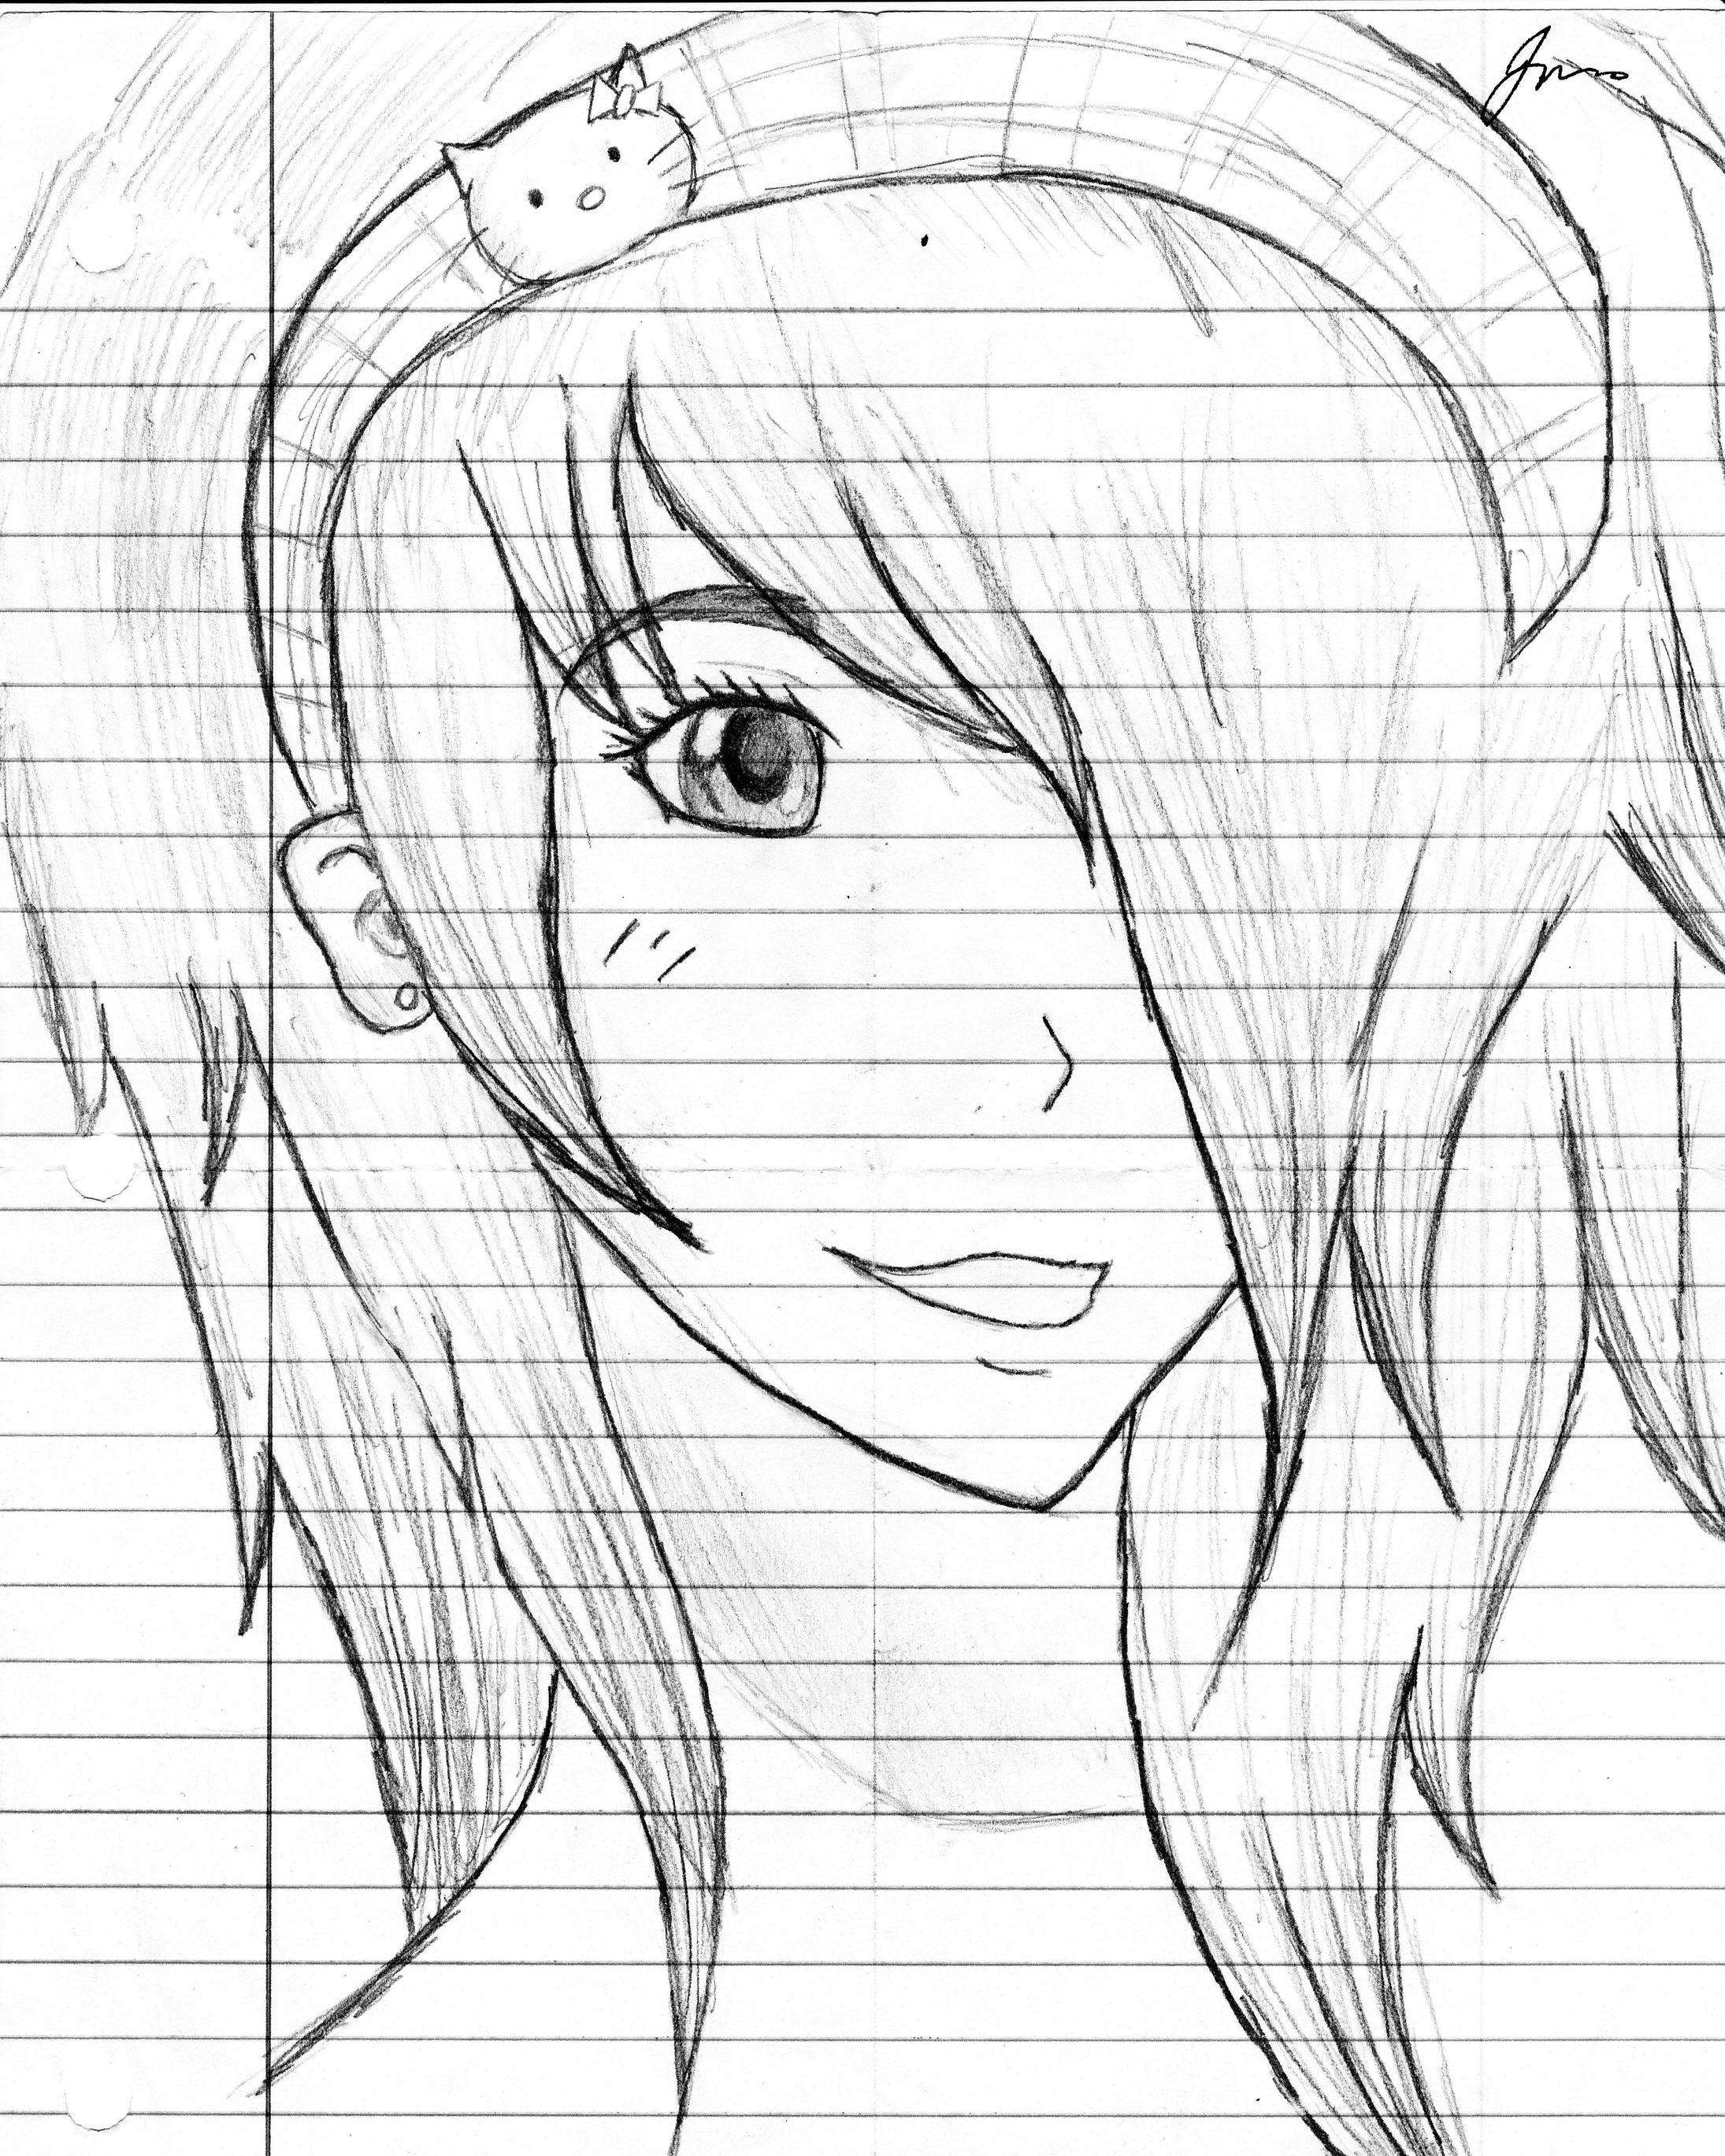 Anime pencil sketch by kasparkova anime pencil sketch by kasparkova